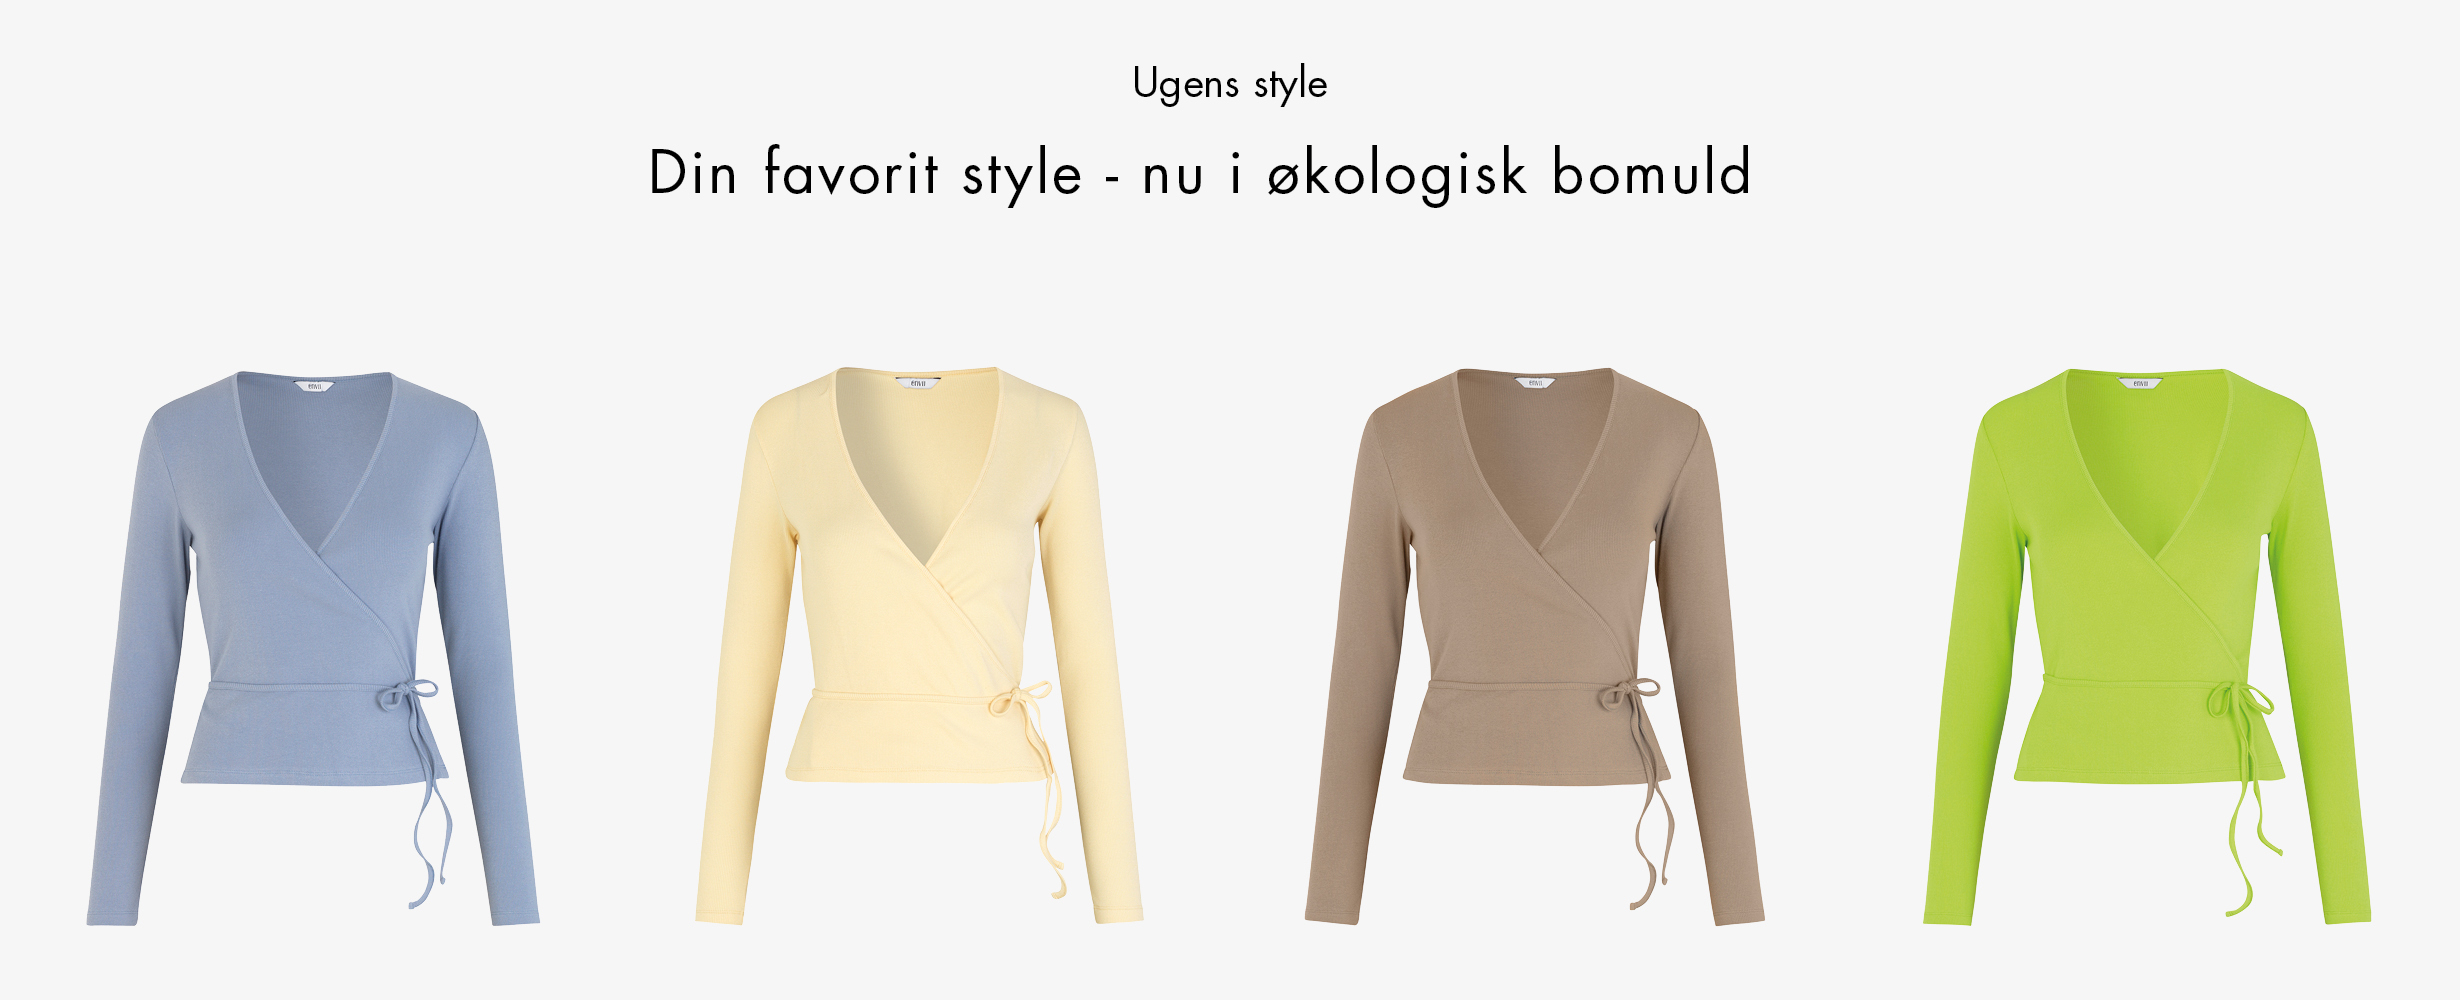 d7bdc345af94 Mode online - Hos Envii finder du alt i tøj   accessories til unge kvinder